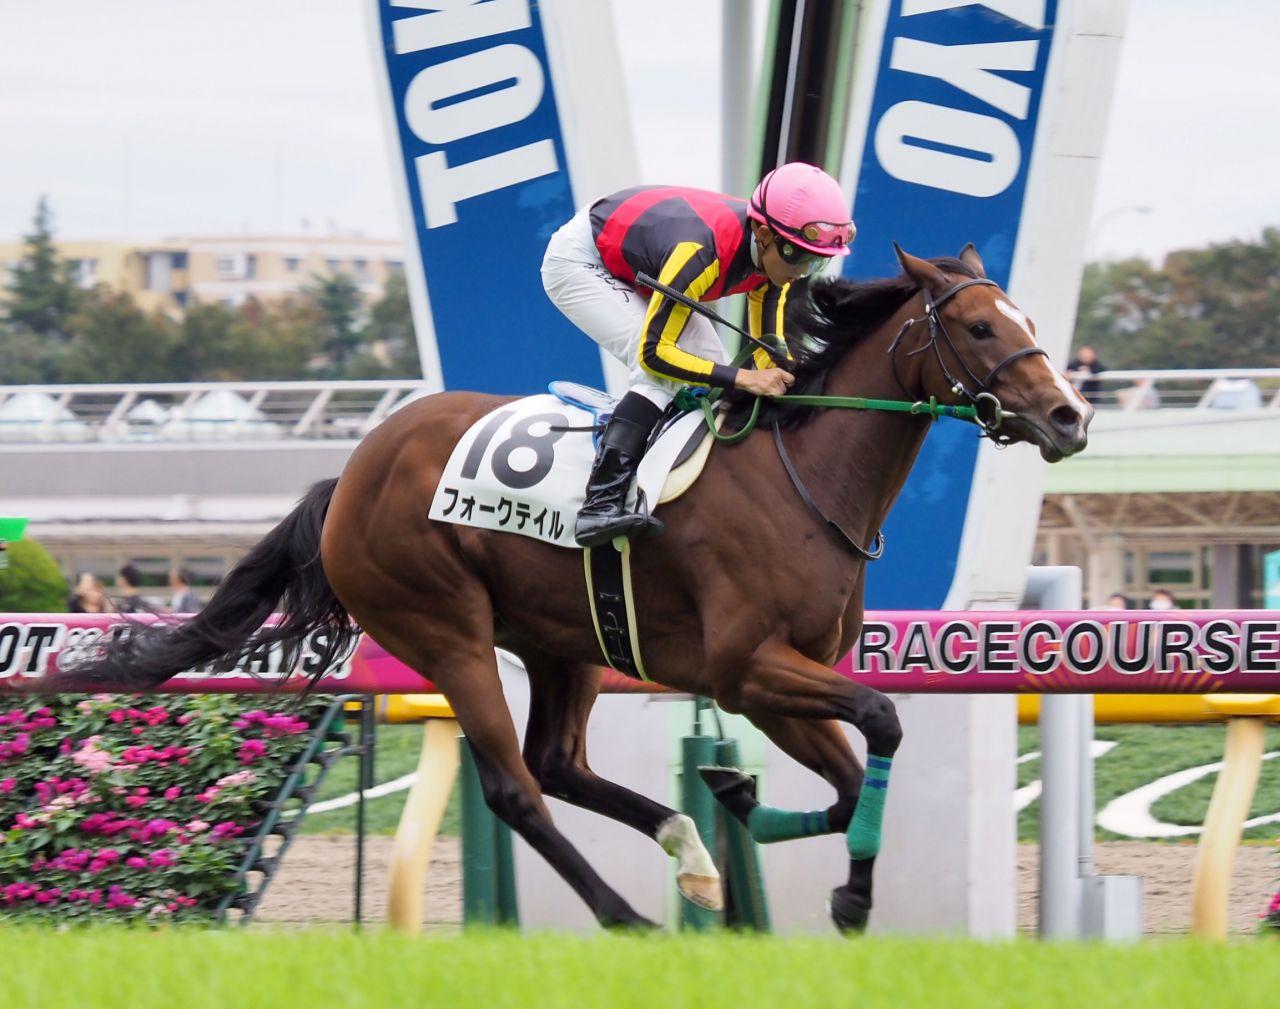 【東京3R/2歳新馬】ロードカナロア産駒 フォークテイルがデビューV!